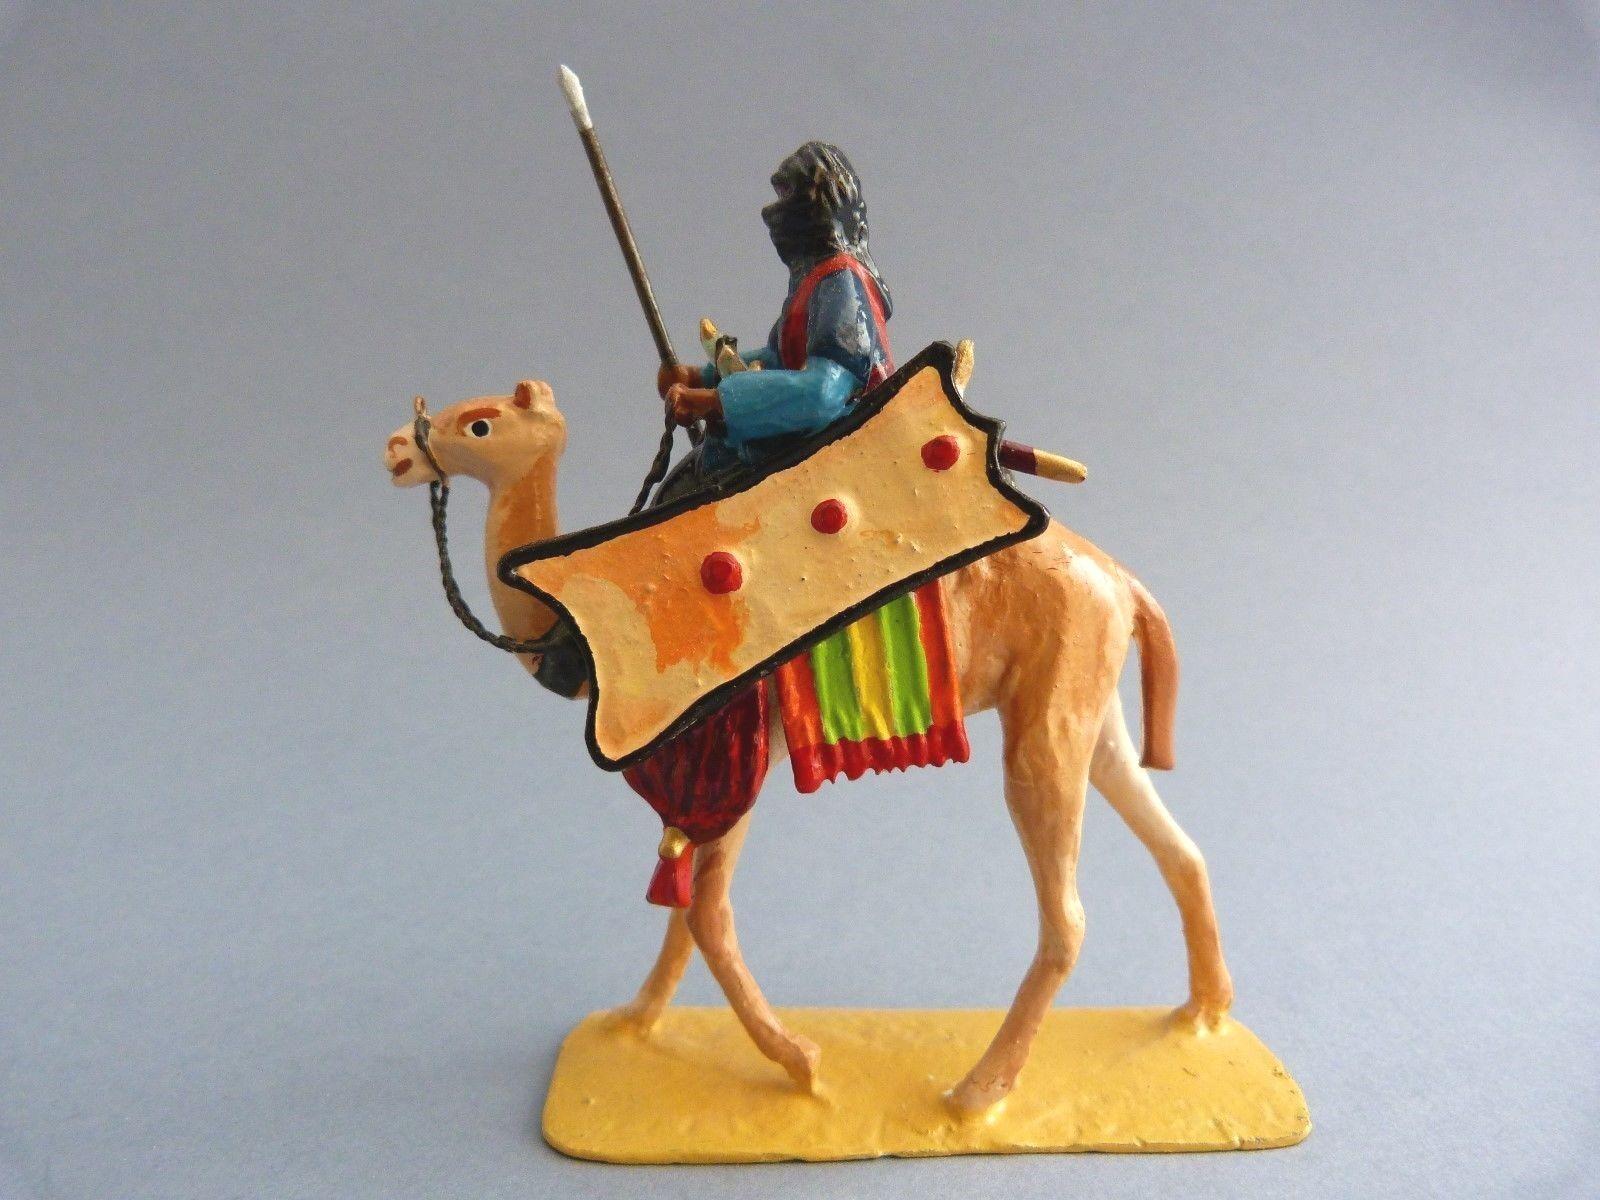 Lead giocattolo soldier - Touareg on camel - Soldat de  plomb - Touareg sur dromadaire 1  grande sconto